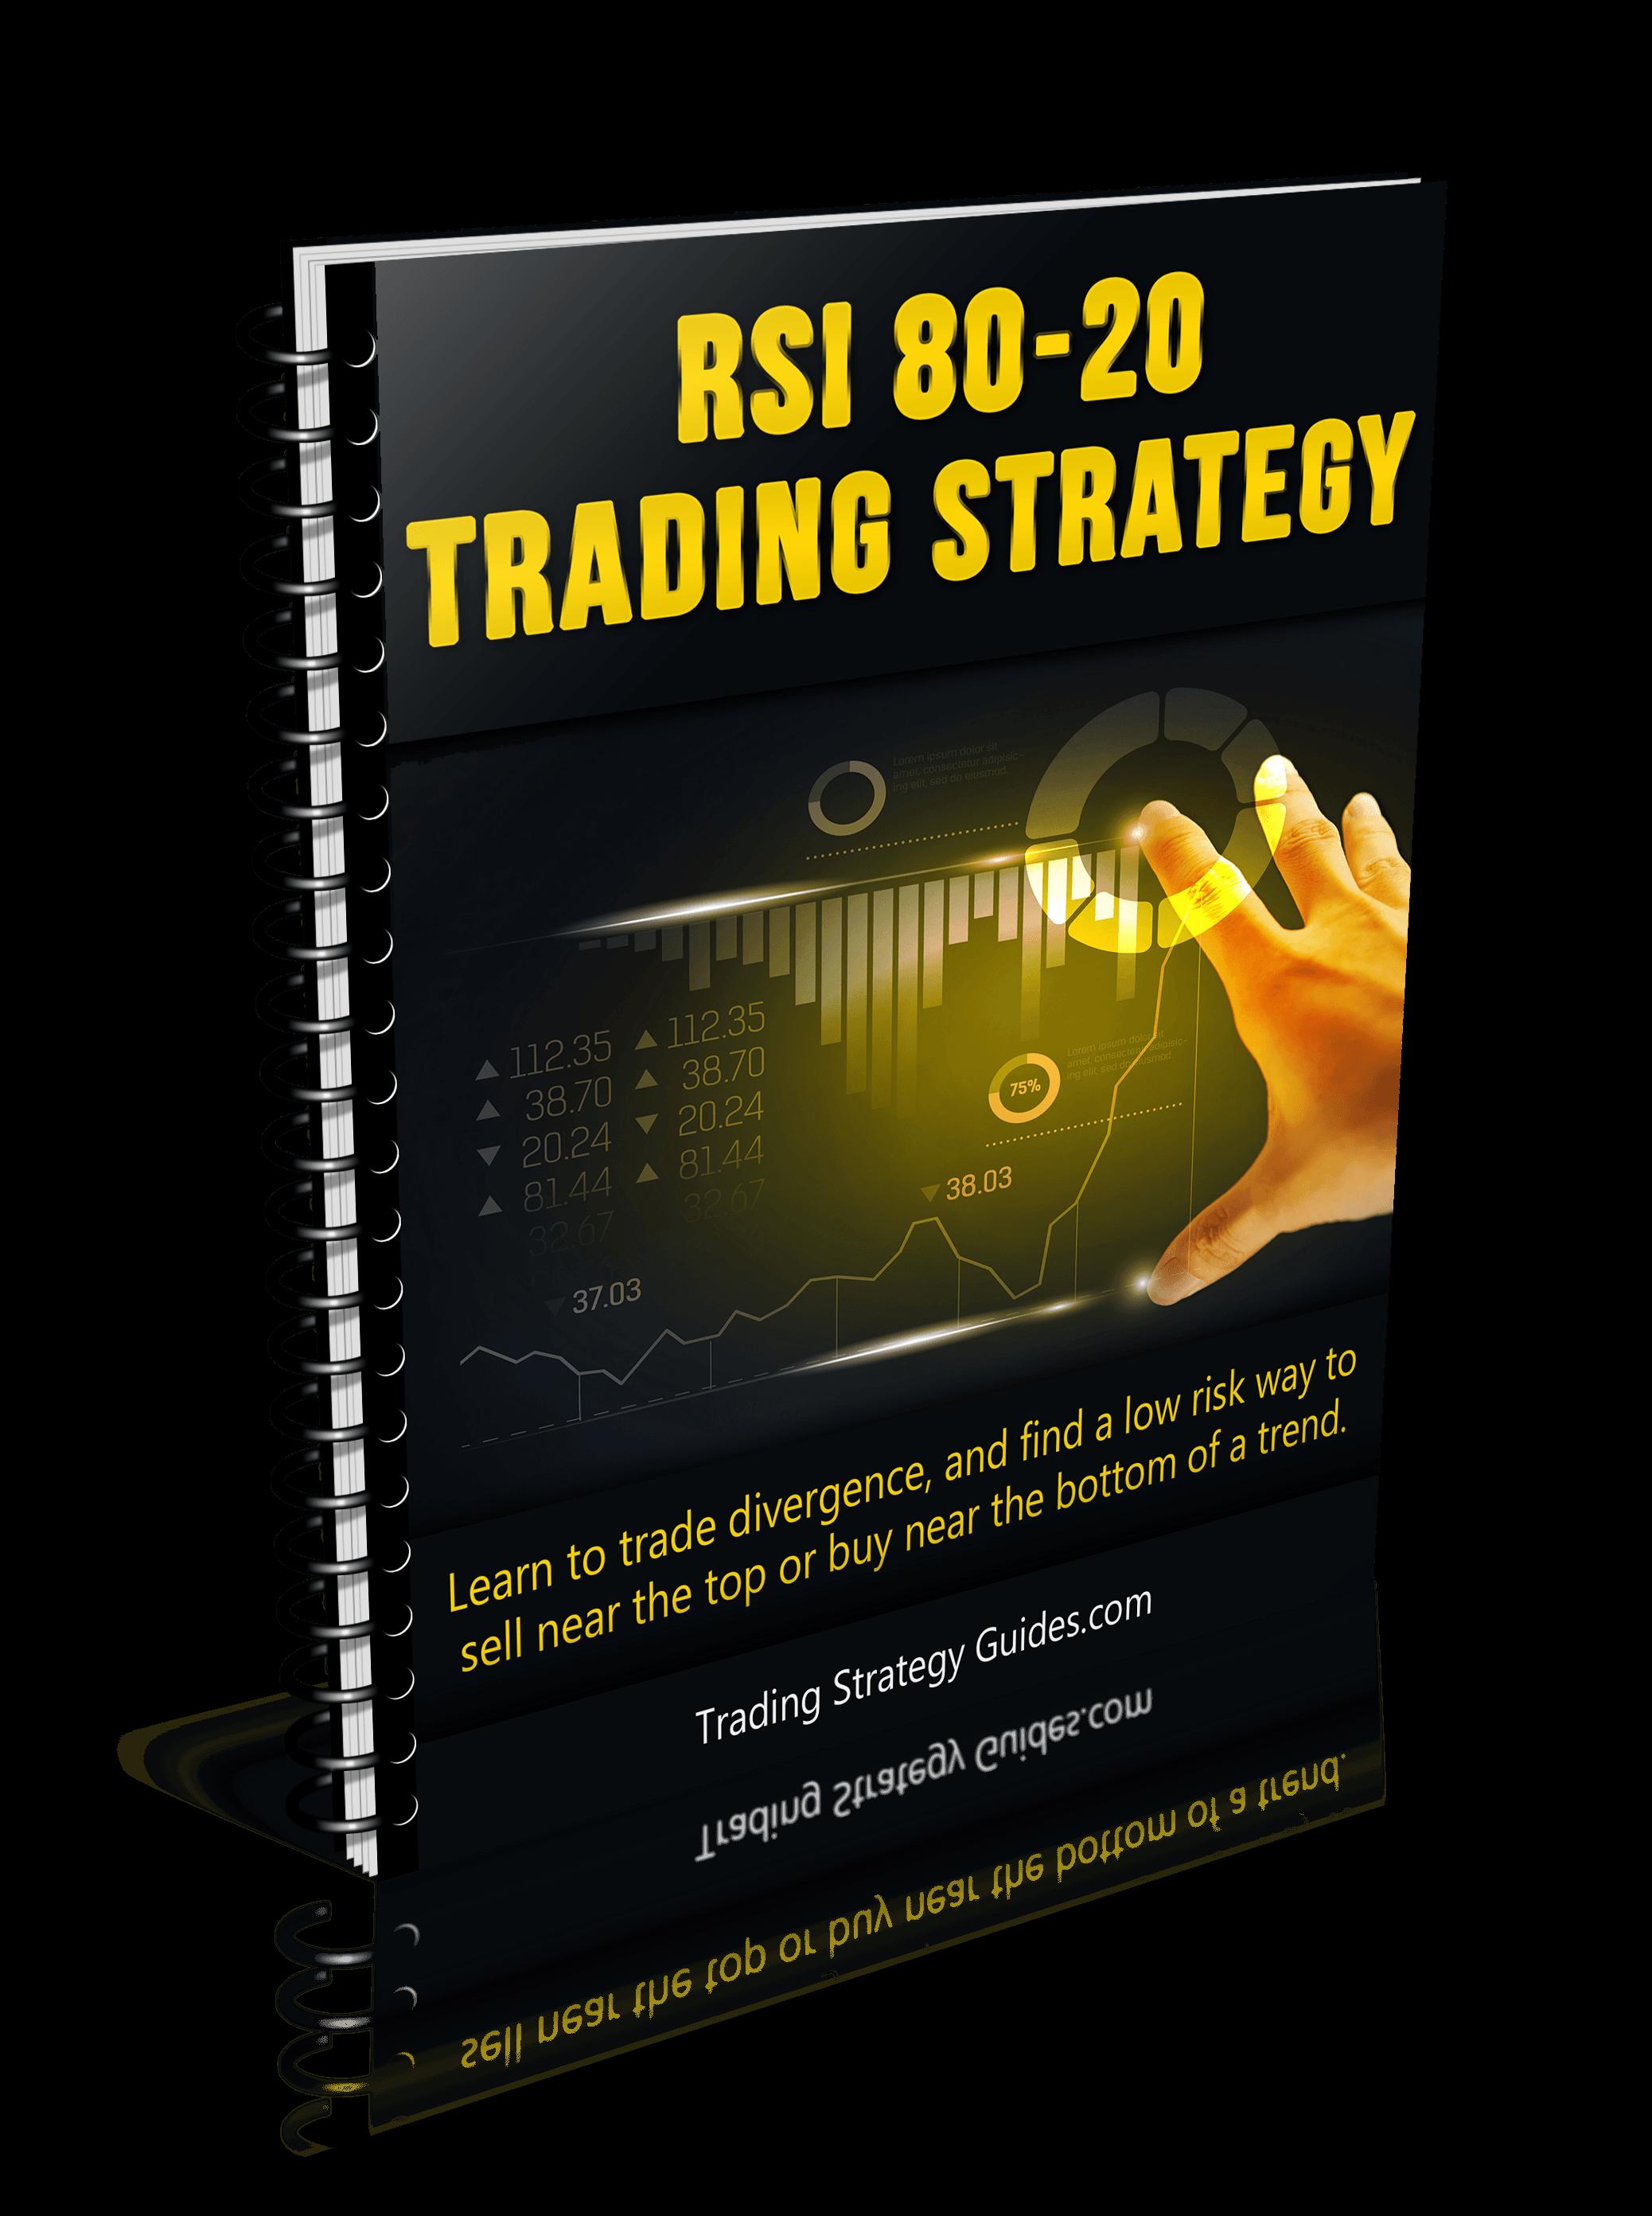 Rsi strategy pdf